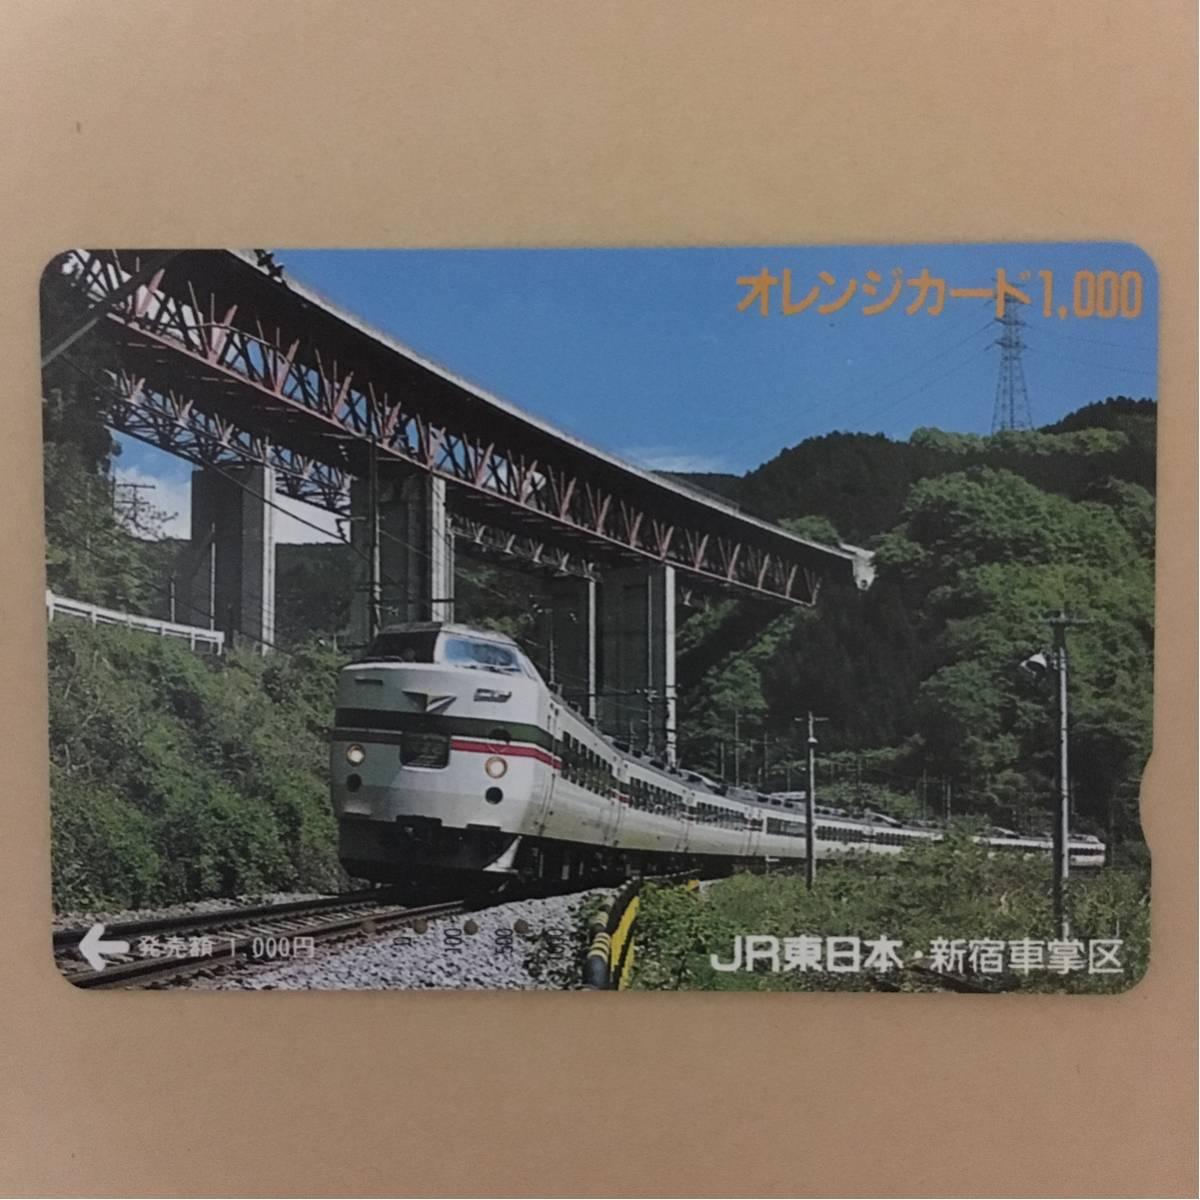 【使用済】 オレンジカード JR東日本 あずさ_画像1